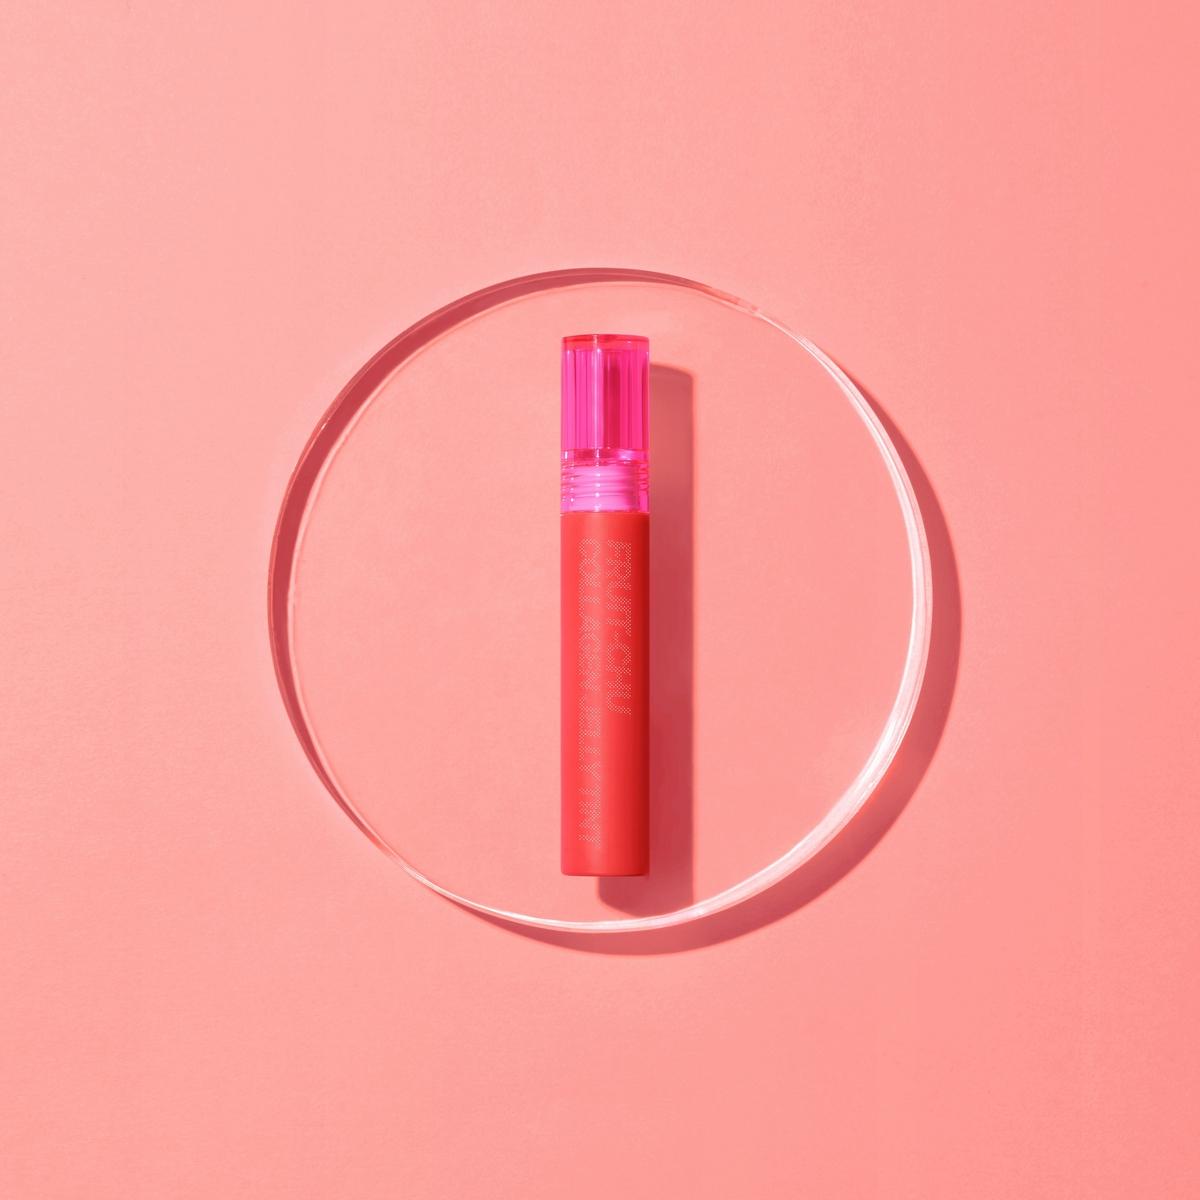 韓國人氣彩妝16brand巷口7-ELEVEN就買的得到,一抹貼唇化作嘟翹果凍, 無論戴口罩、喝飲料都清「罩美不誤」